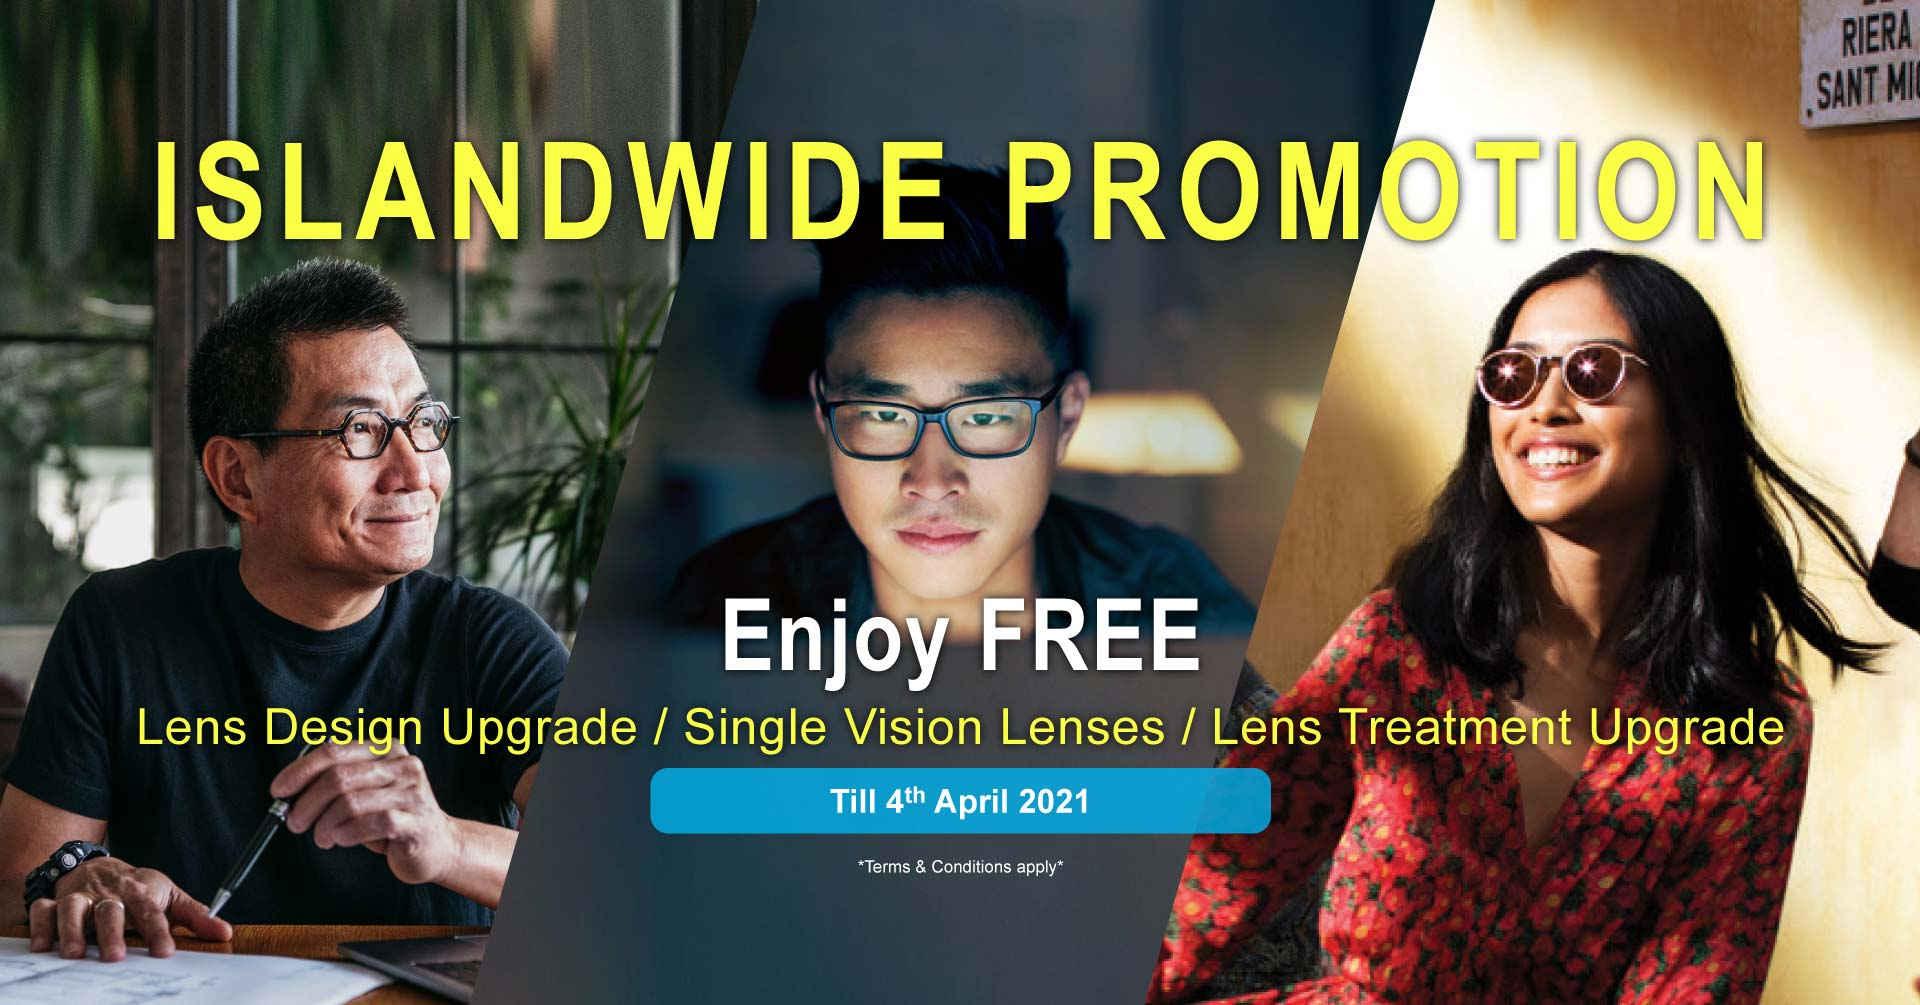 hoyalens promo_islandwide singapore